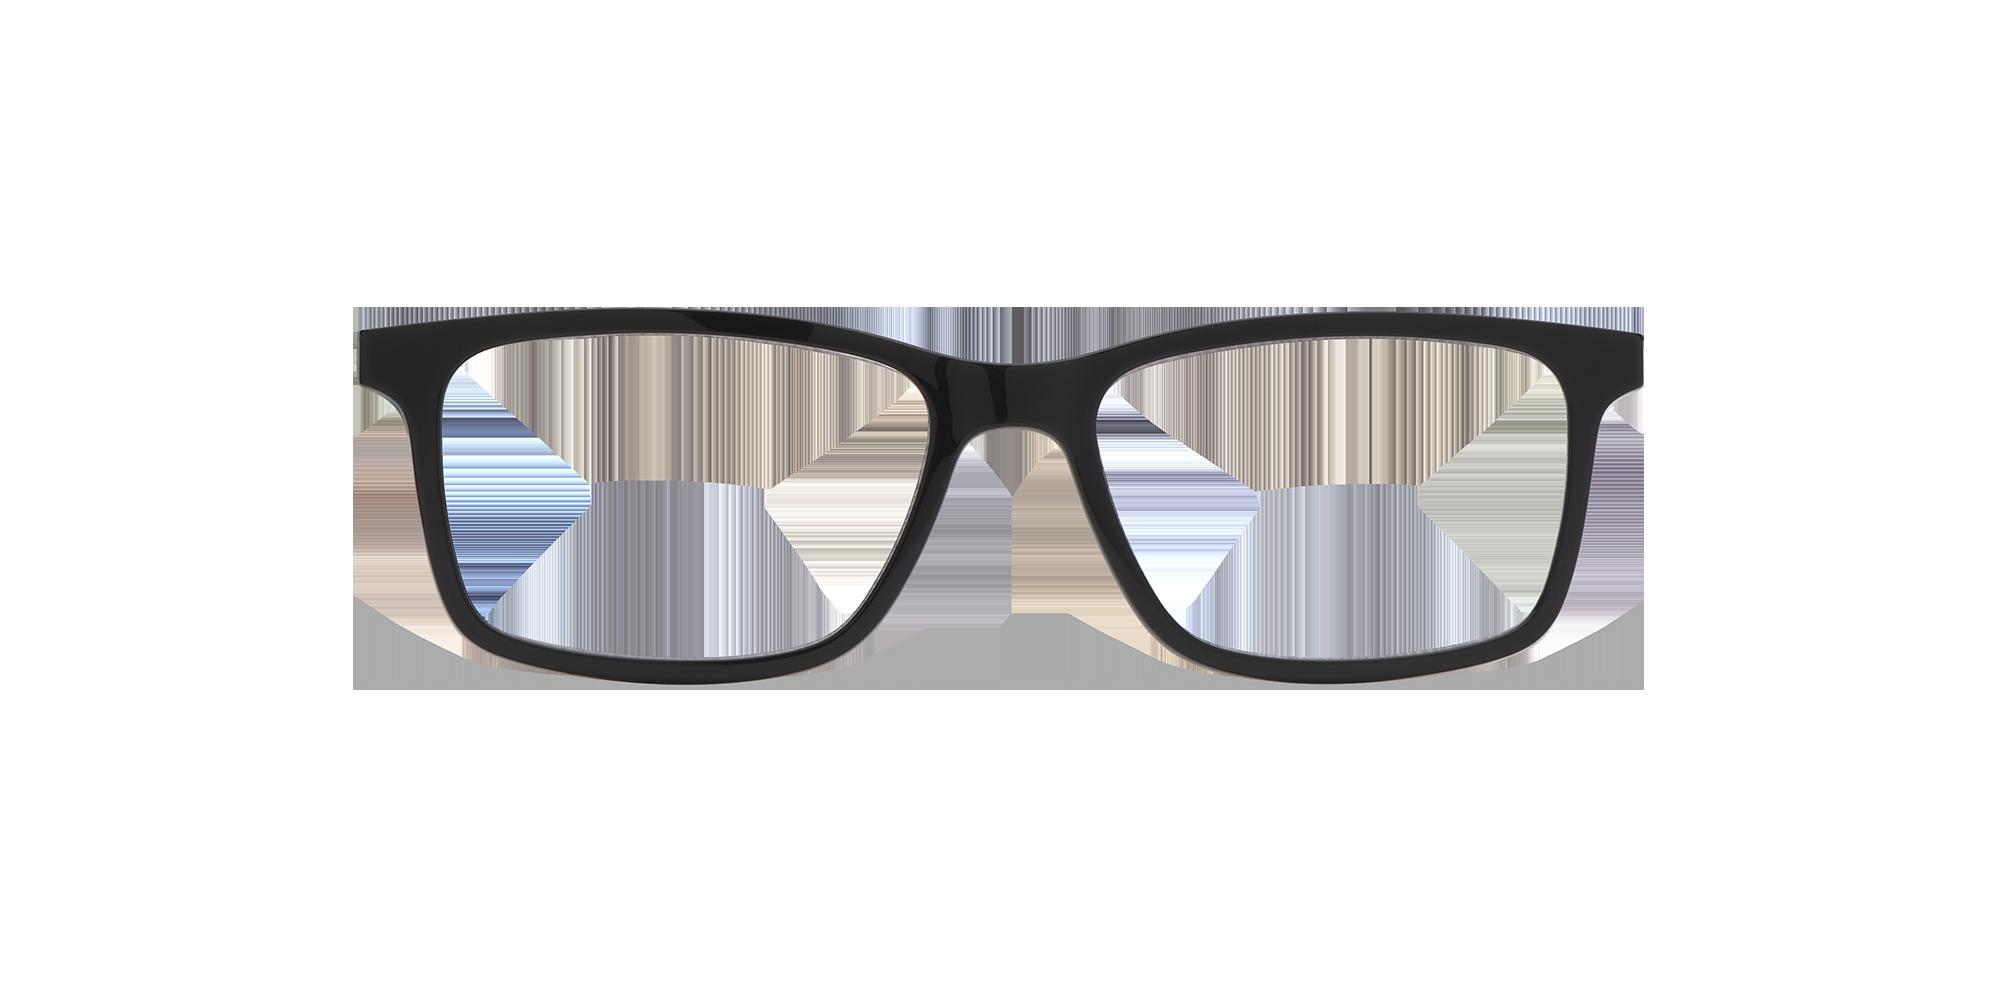 afflelou/france/products/smart_clip/clips_glasses/TMK32NVBK015316.png